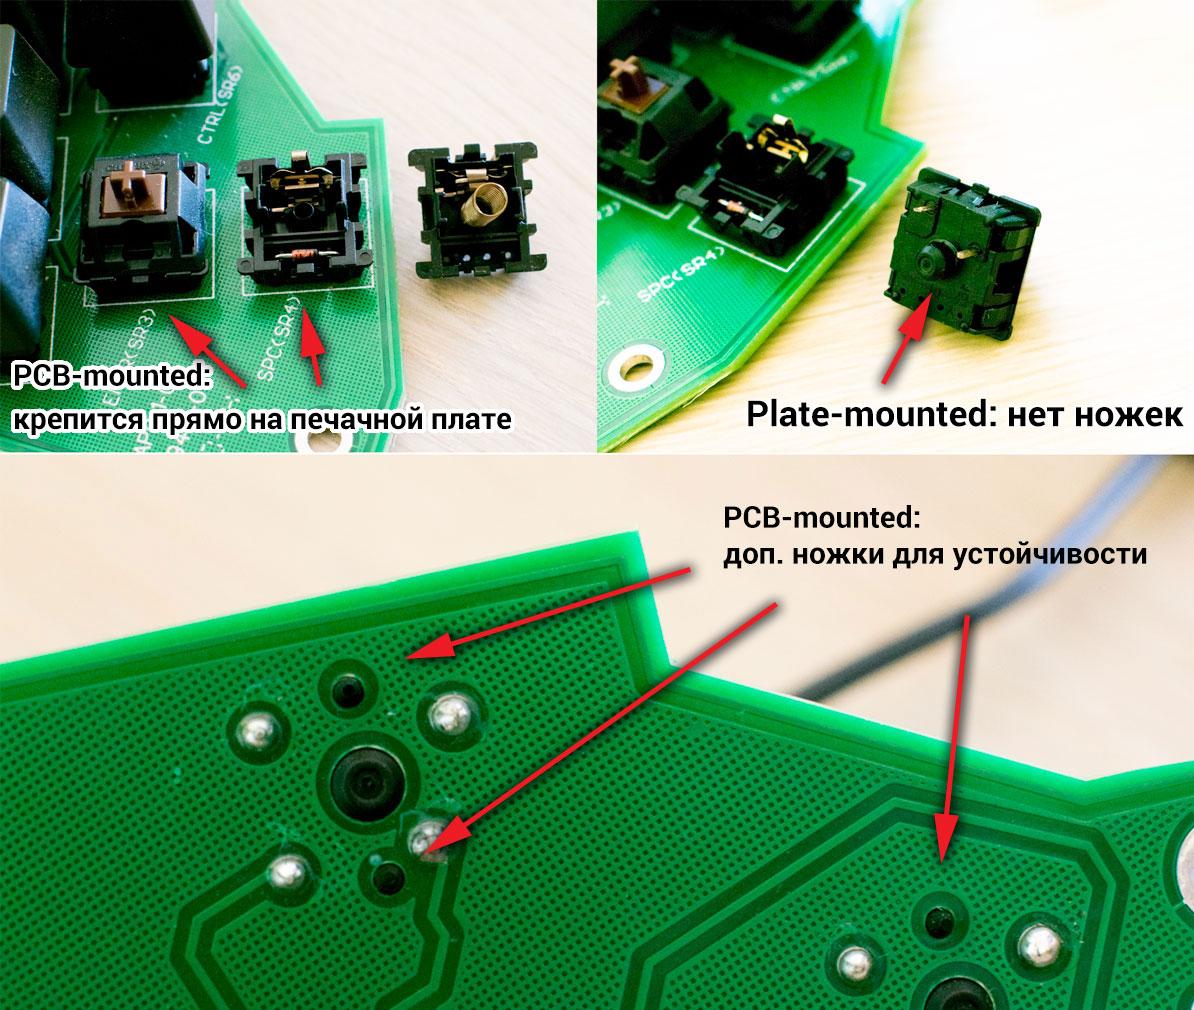 Крепления PCB-mounted и plate-mounted